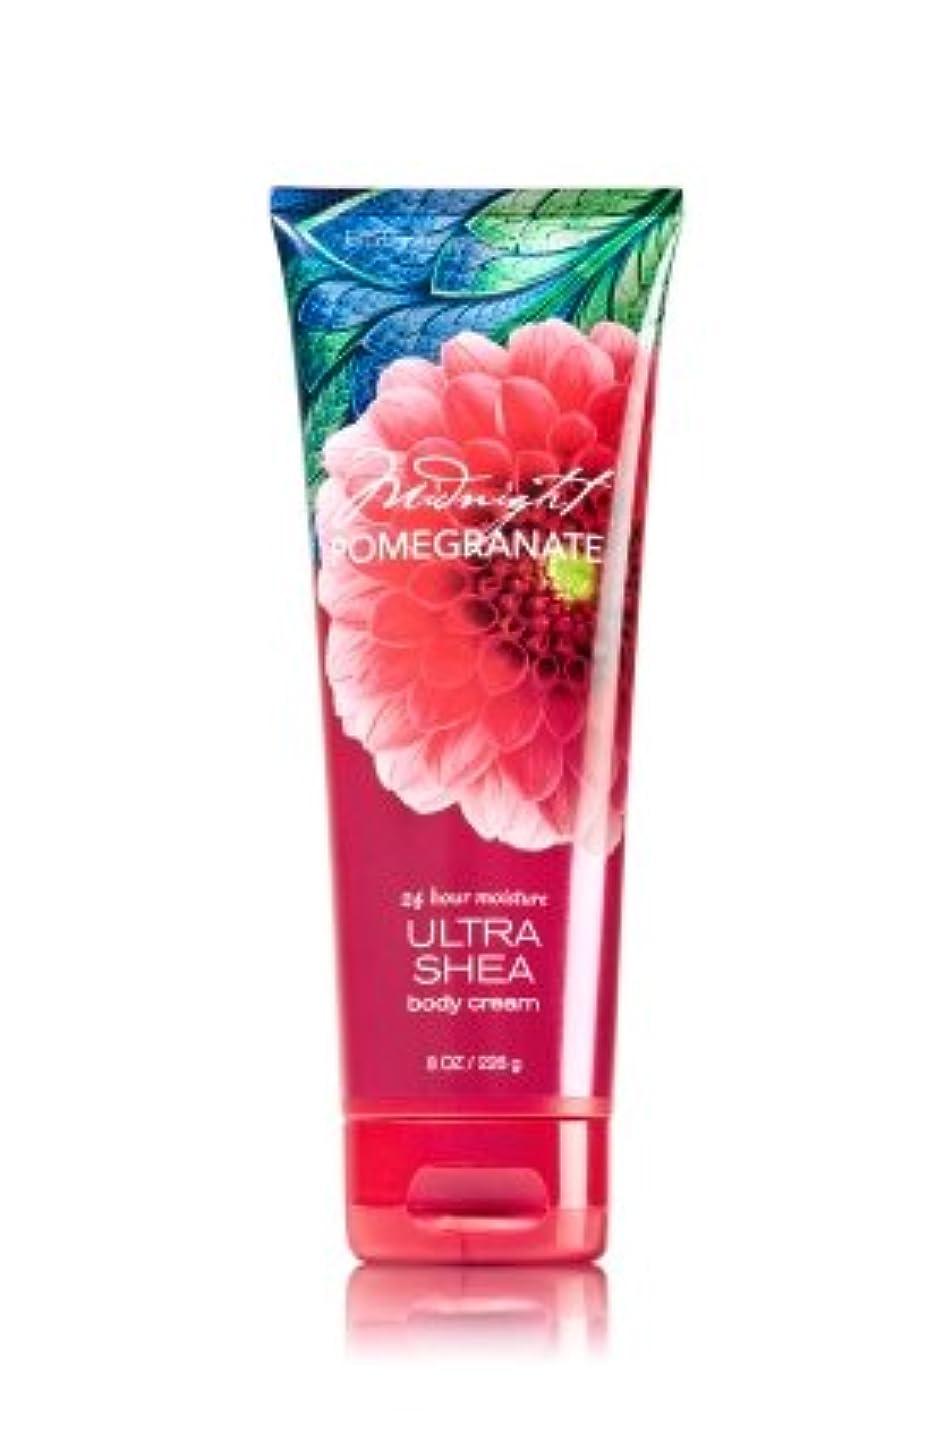 主権者徒歩でシソーラスバス&ボディワークス ミッドナイト ポメグラネート ボディクリーム  Midnight Pomegranate Body Cream [並行輸入品]